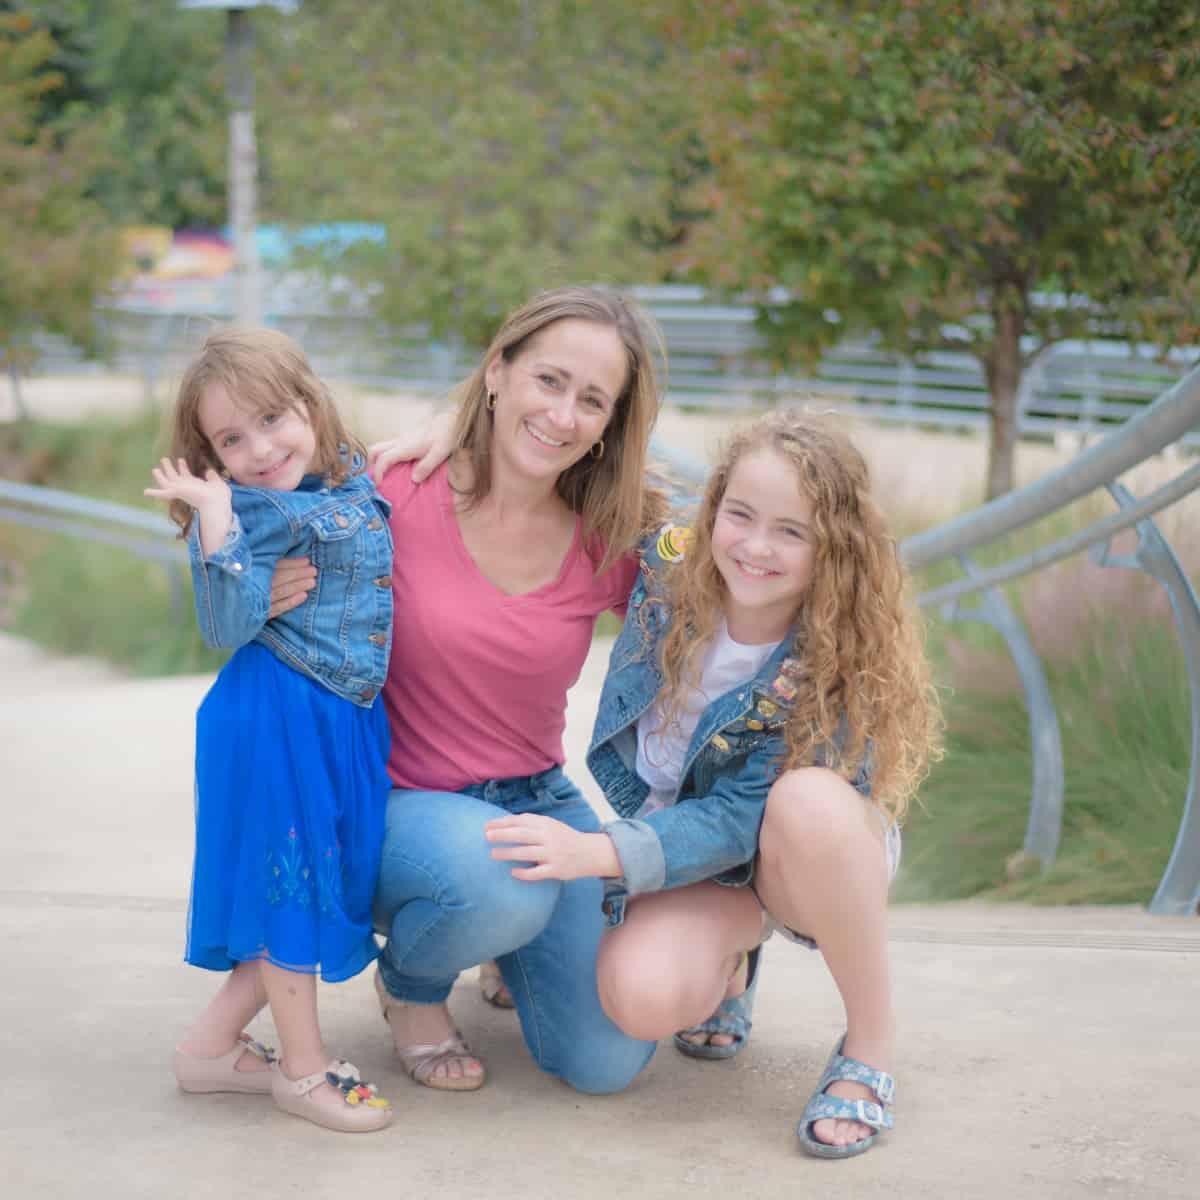 Girl Family Photo from Buffalo Bayou Park